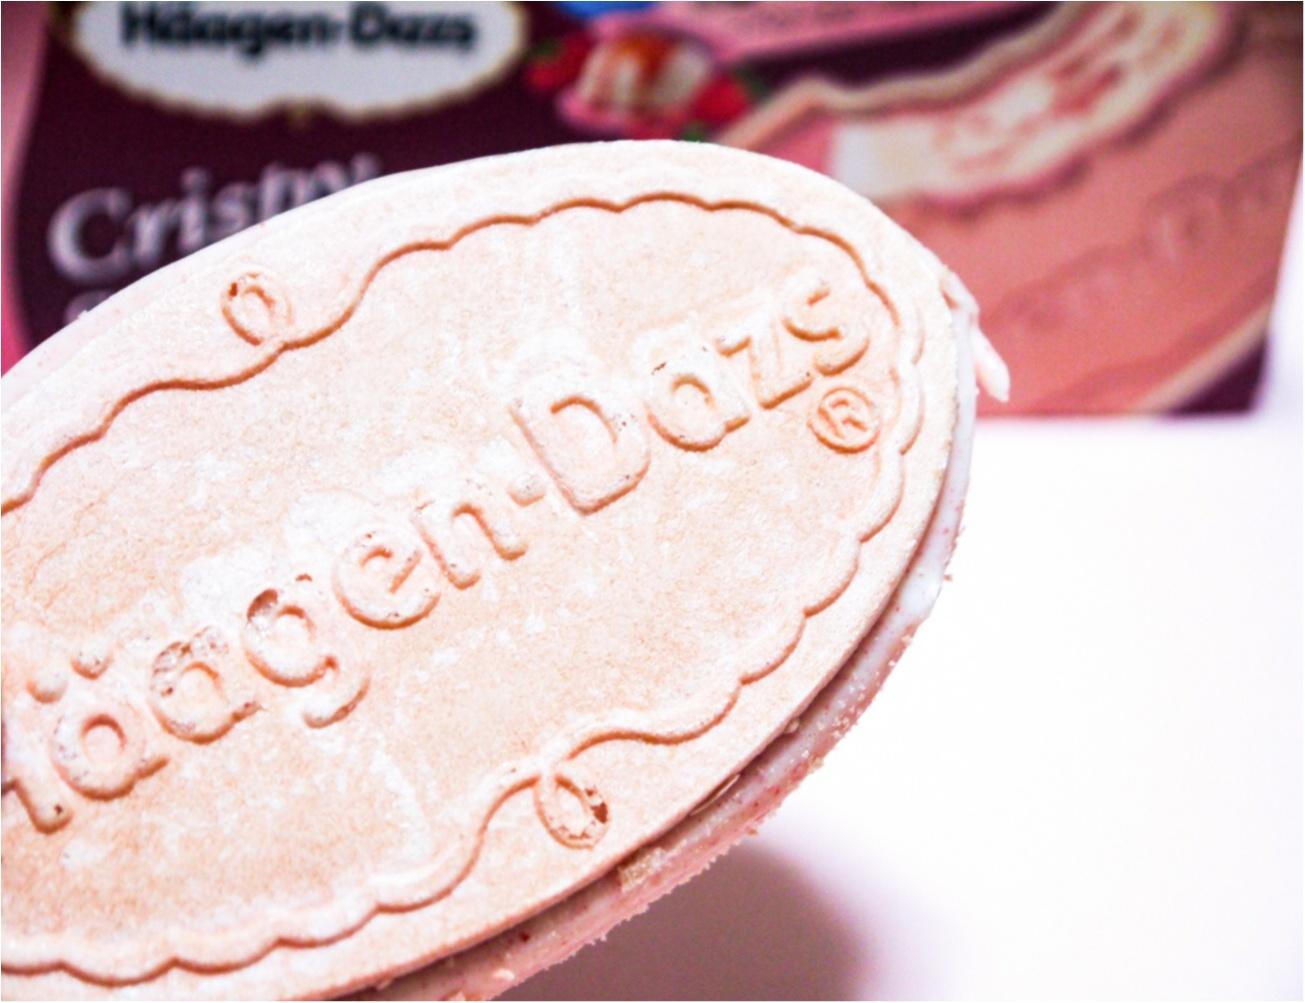 【ハーゲンダッツ速報▶︎】あなたはもう食べた? ピンク色が春感UP❁ よくばりな《3種ベリーのレアチーズ》を早速レポ♫_2